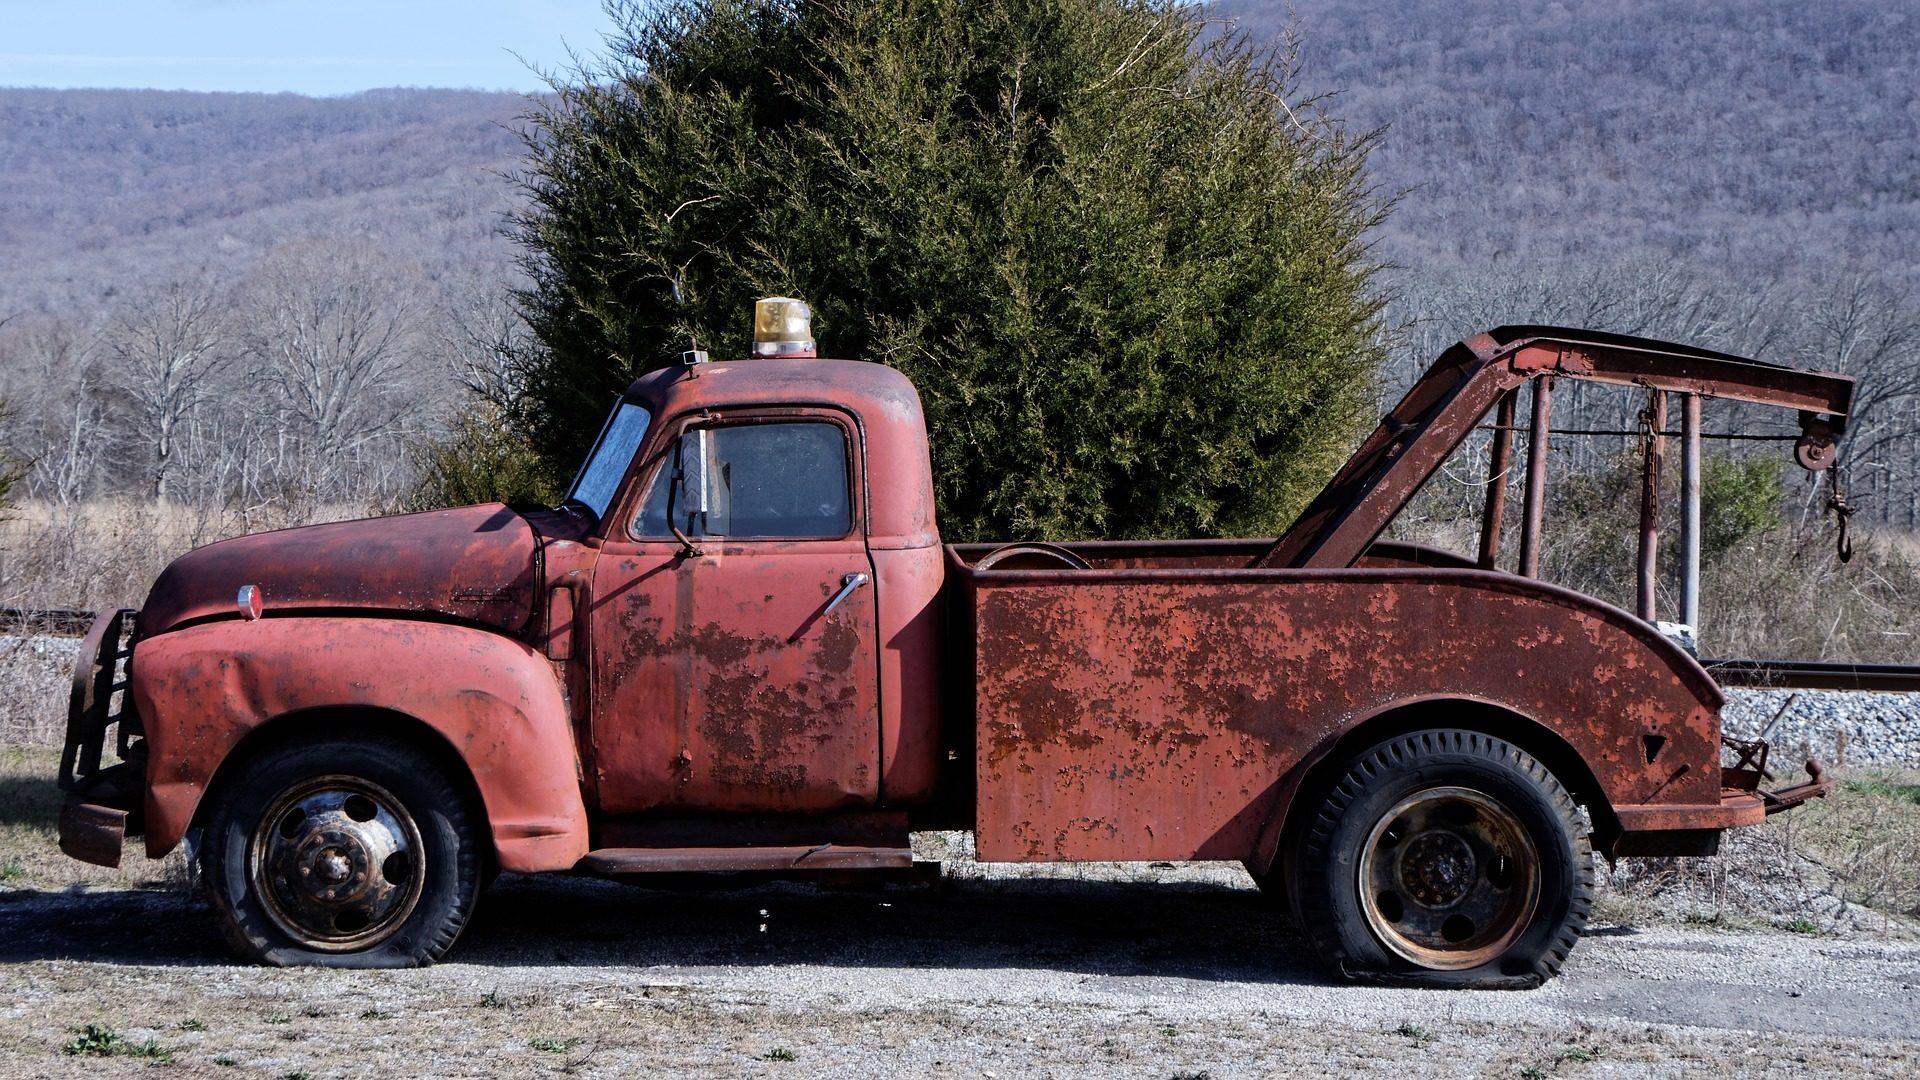 سيارات, رافعة, فإن, القديمة, خمر, صدئ - خلفيات عالية الدقة - أستاذ falken.com